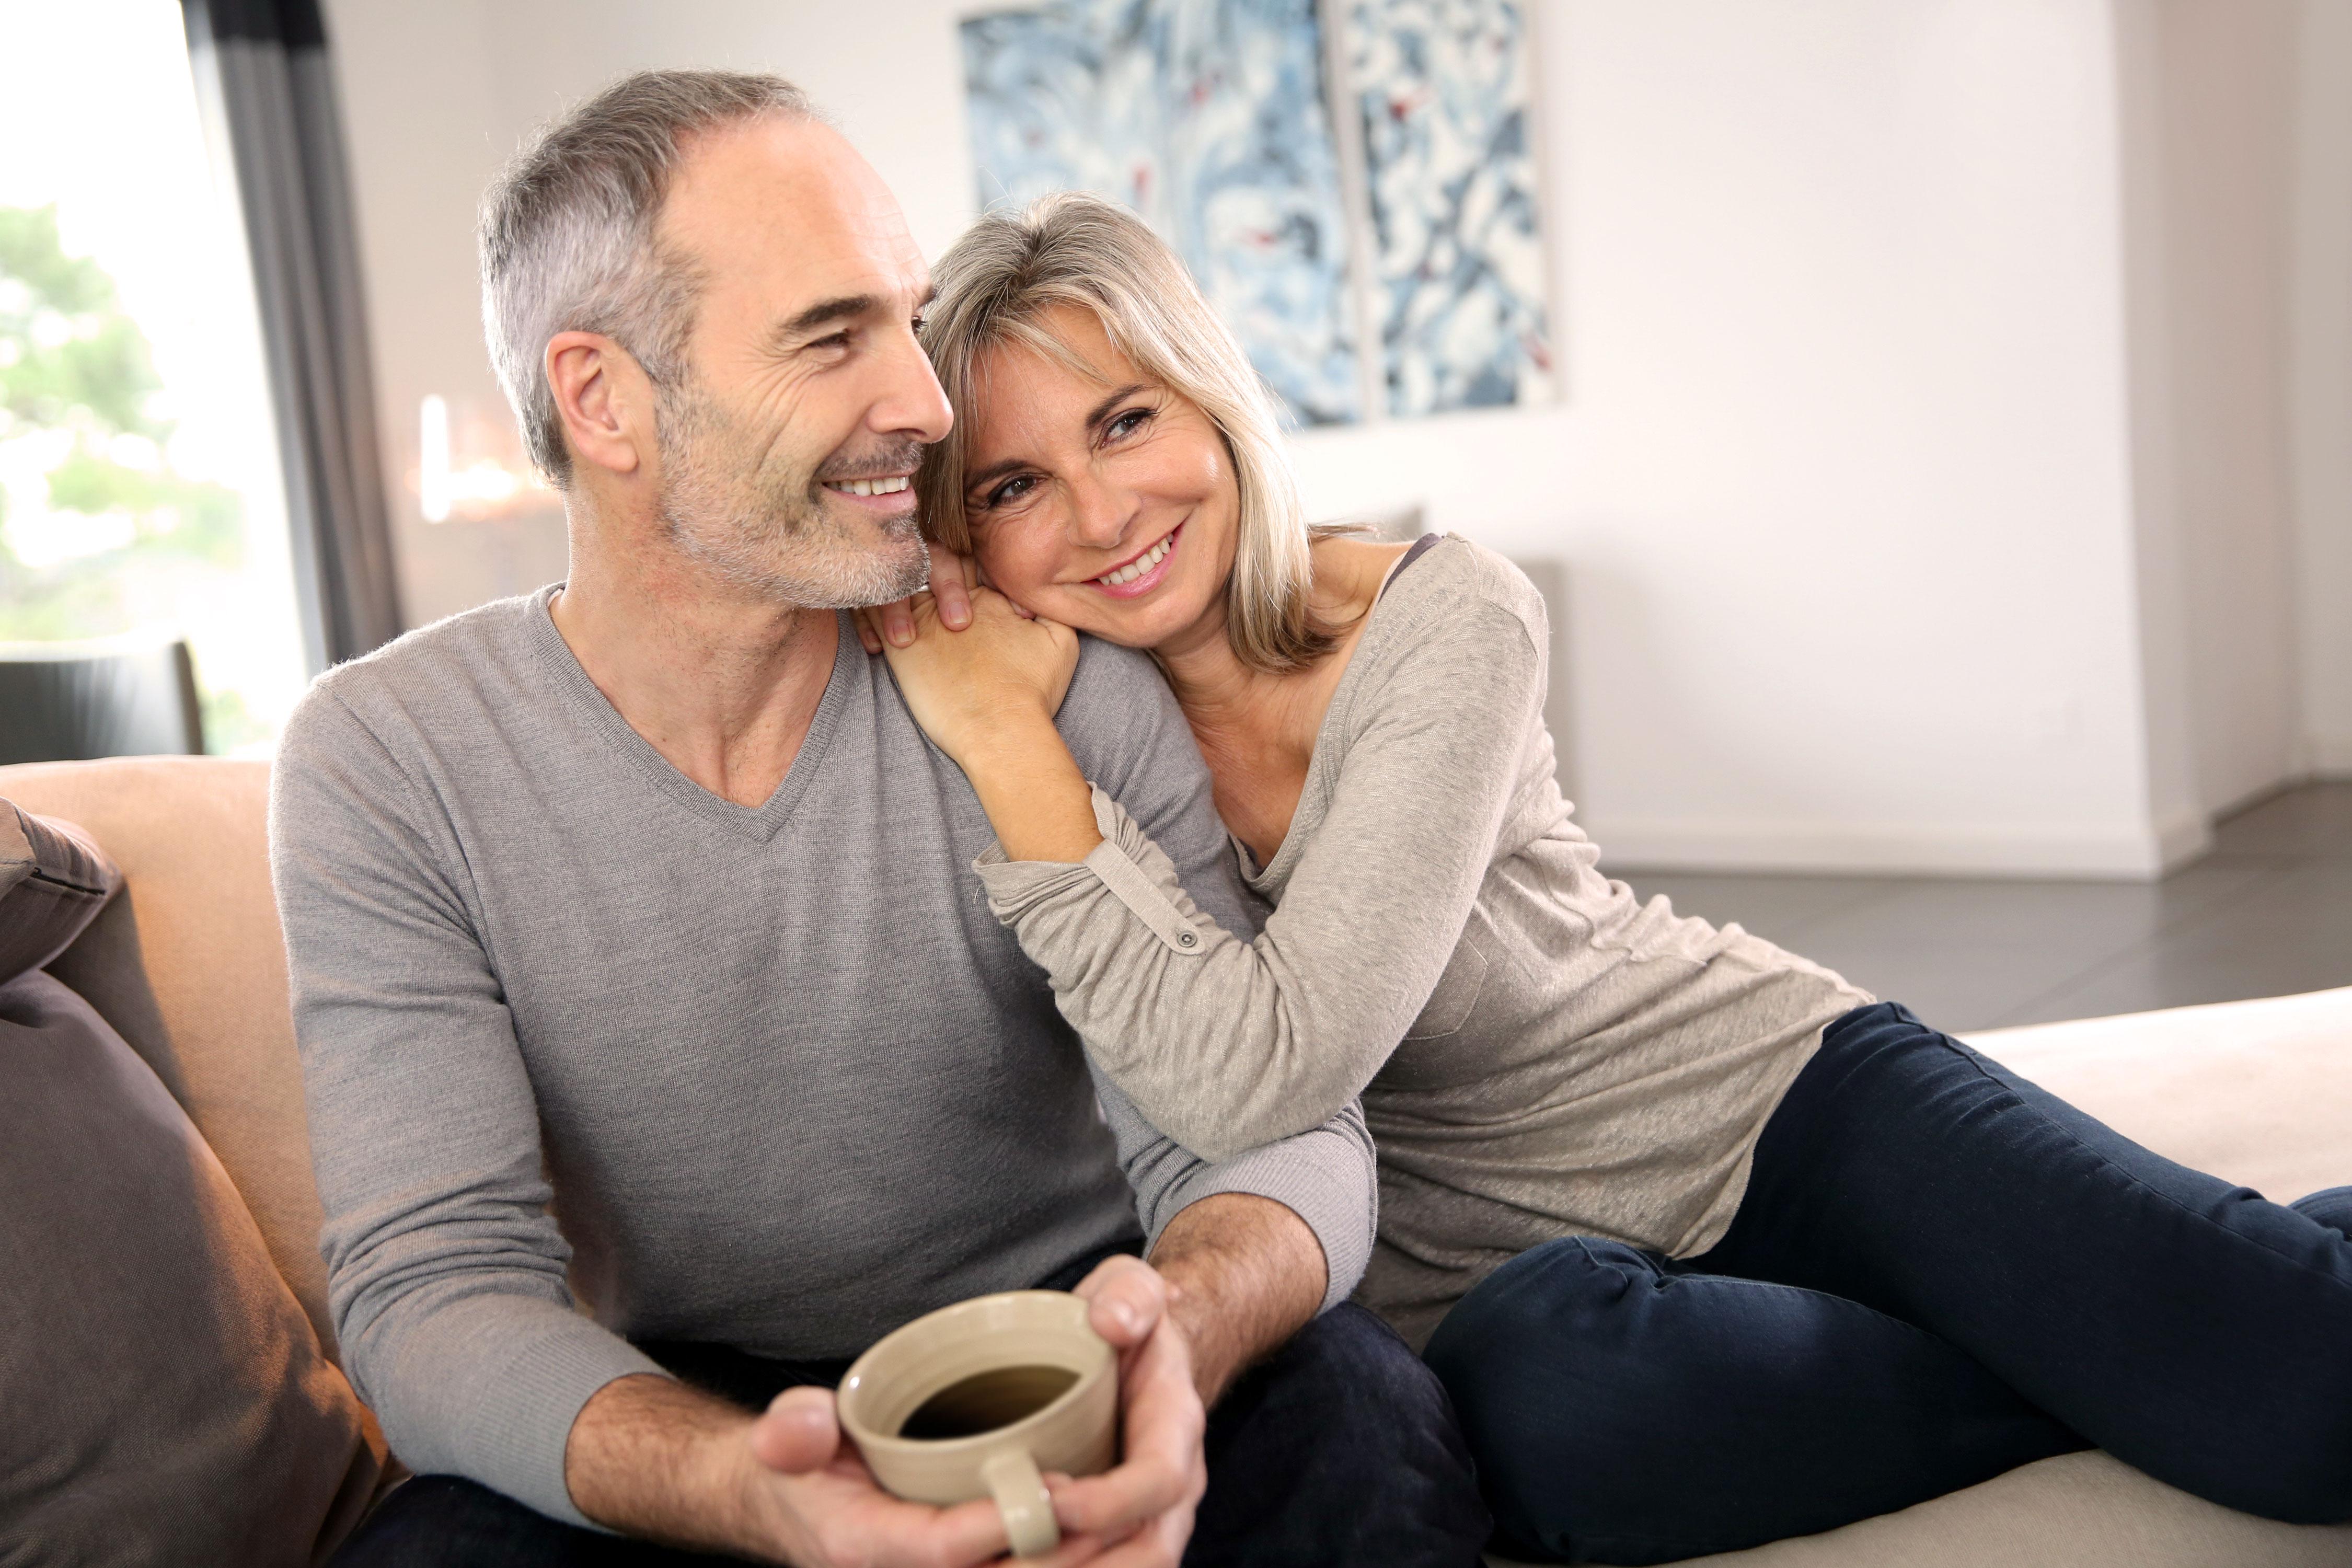 Lächelndes älteres Paar auf der Couch sitzend